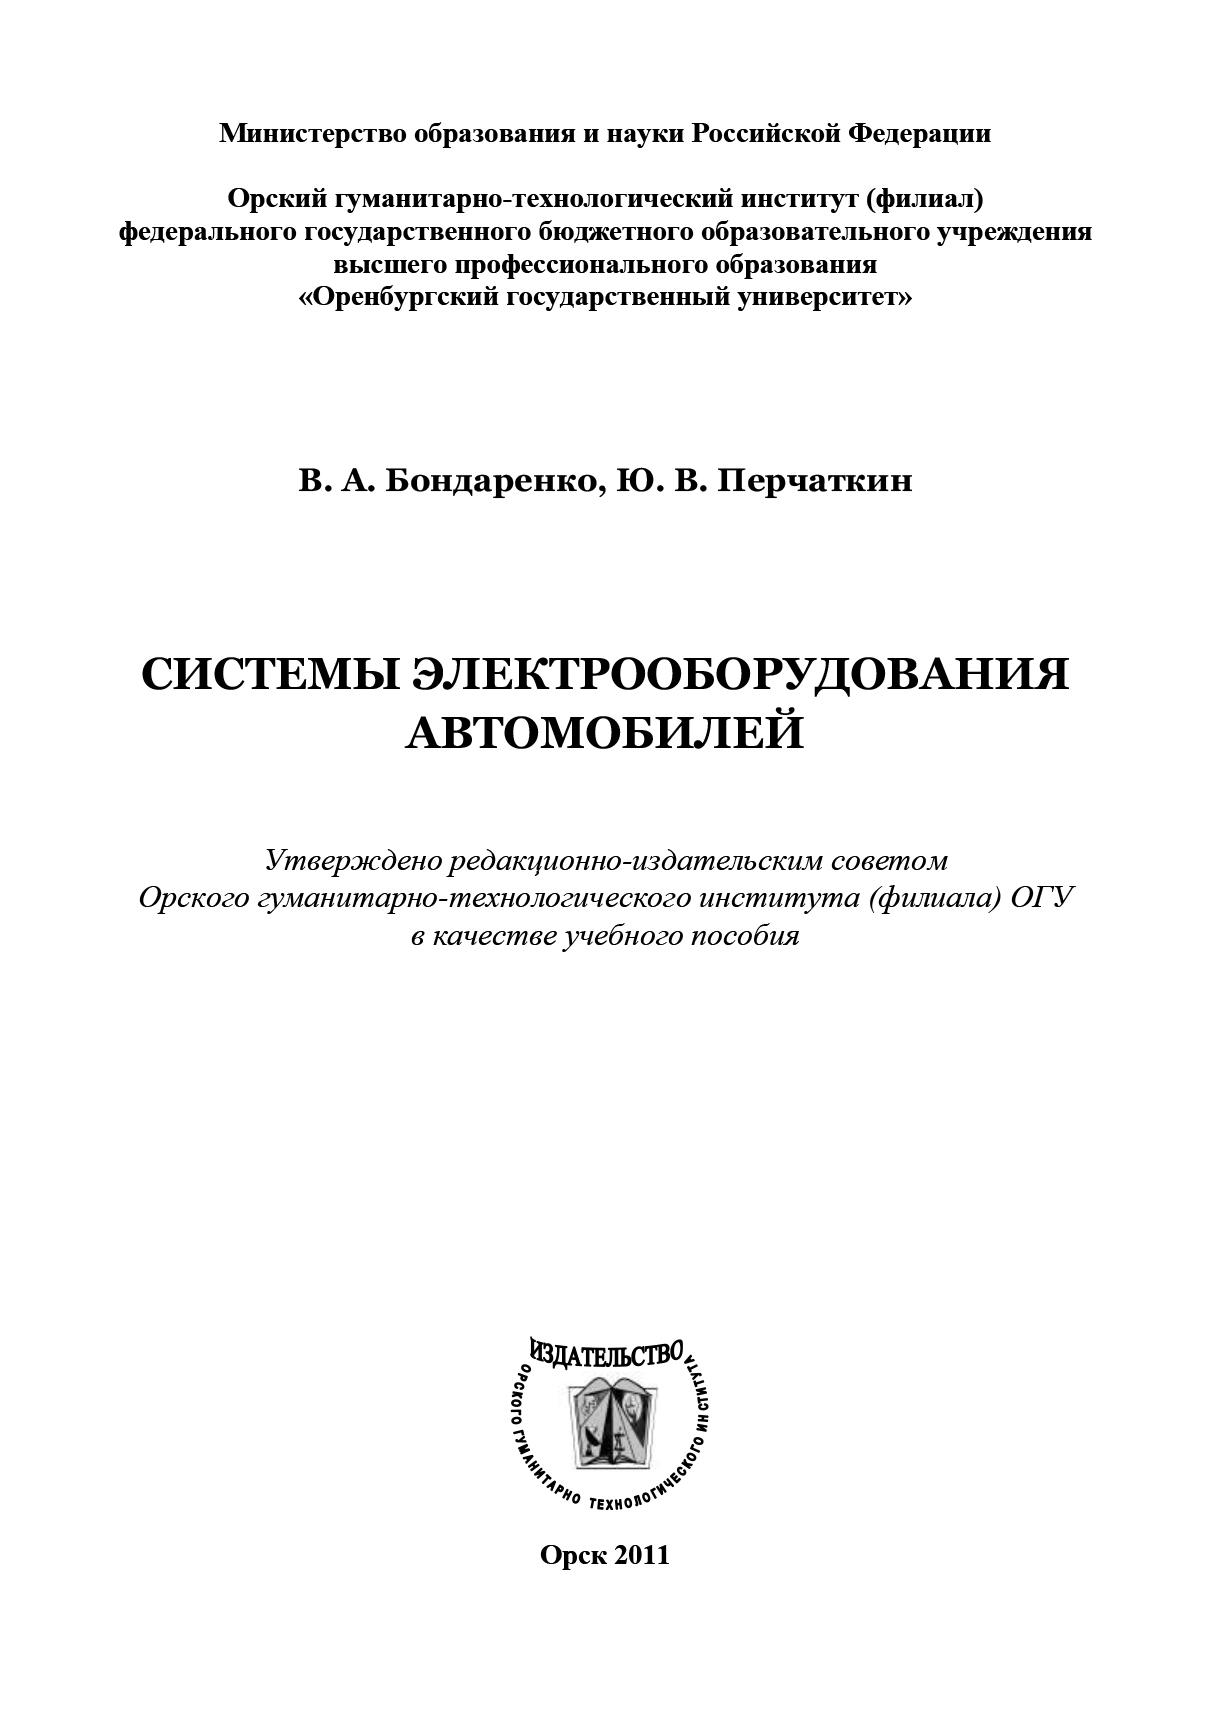 В. А. Бондаренко Системы электрооборудования автомобилей цена в Москве и Питере